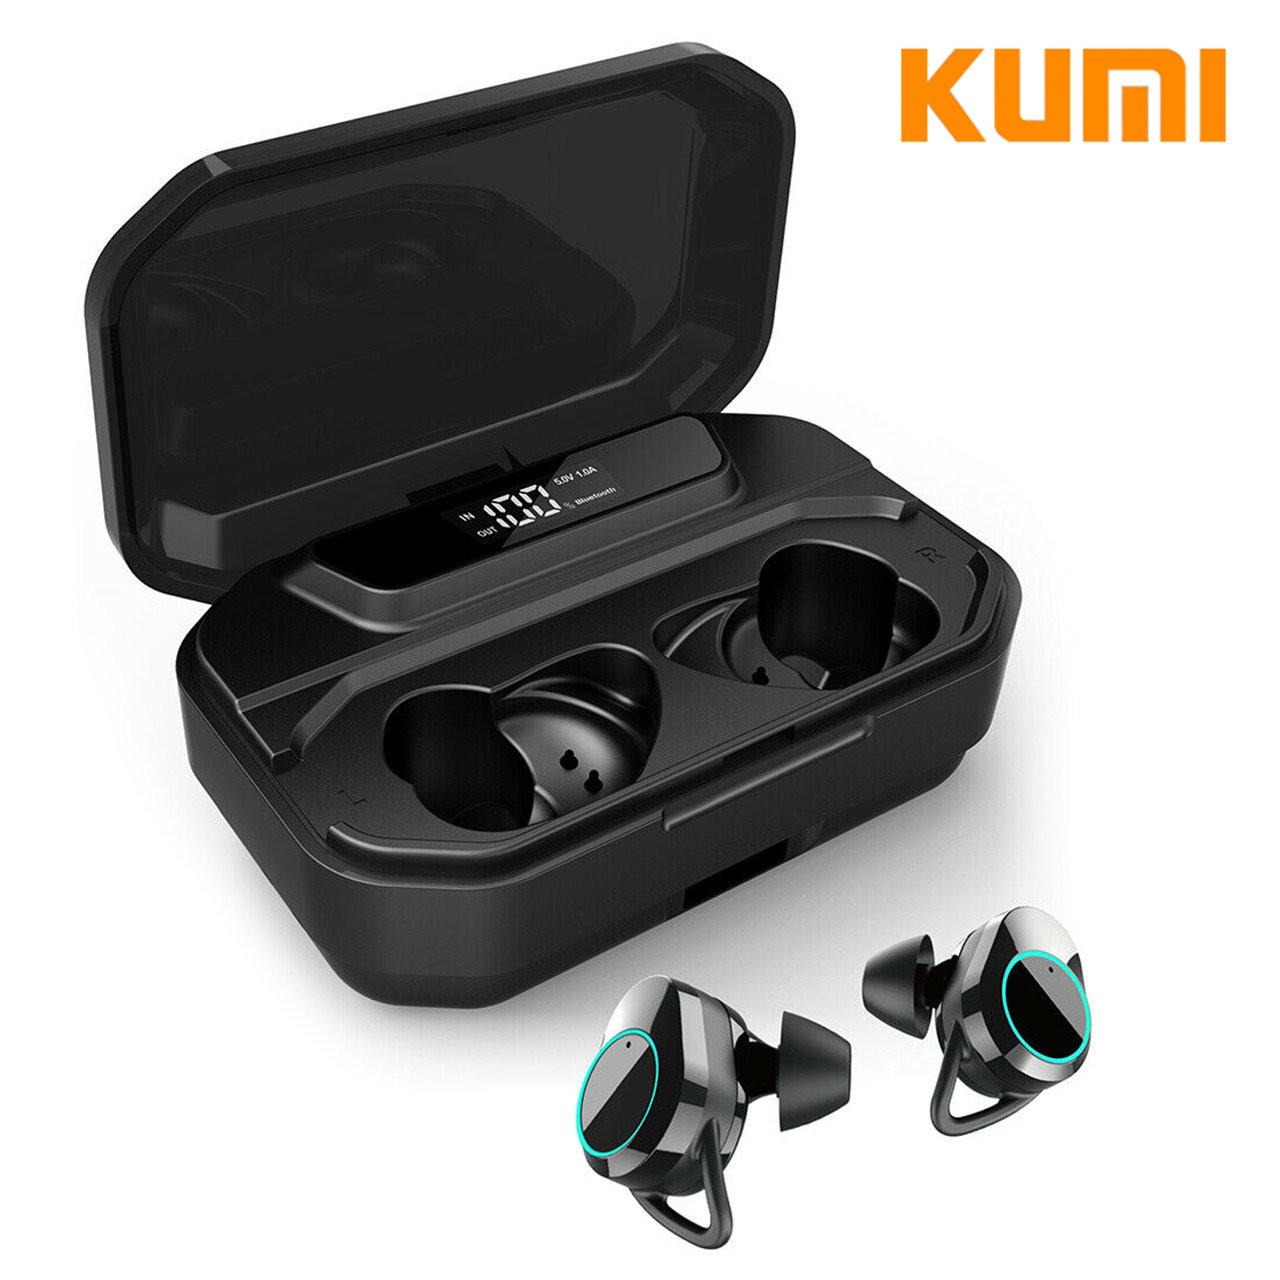 ☀Беспроводные Bluetooth наушники KUMI T3S Black Блютуз 5 LED дисплей влагозащищенные гарнитура с зарядкой ★